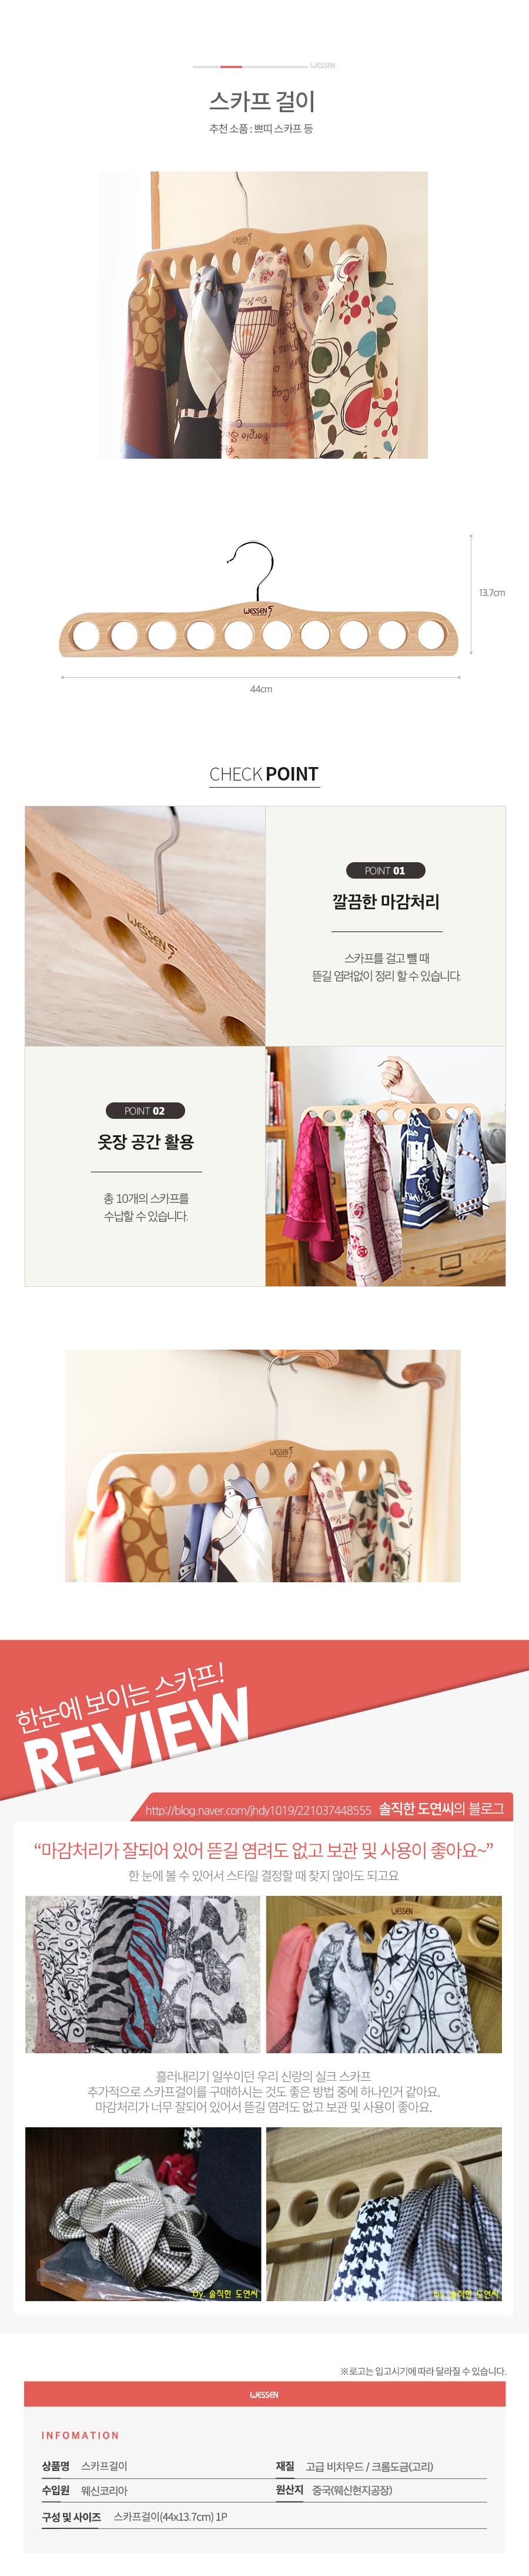 웨신스카프걸이_정리정돈,수납,원목옷걸이